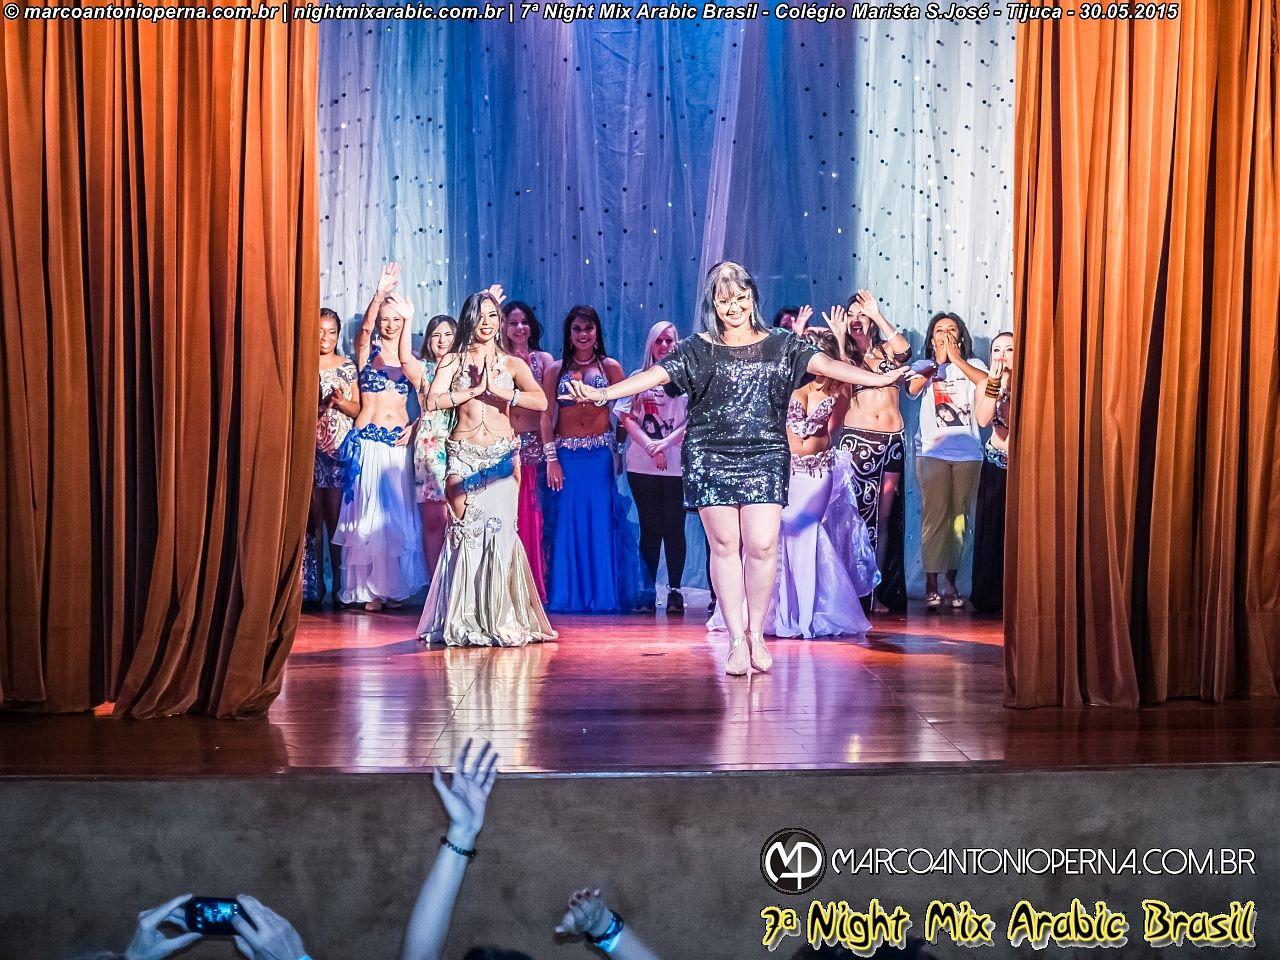 Evento promovido por Darah Hamad com grande profissionalismo na organização e que contou com dançarinas de altíssimo nível em todas as apresentações.